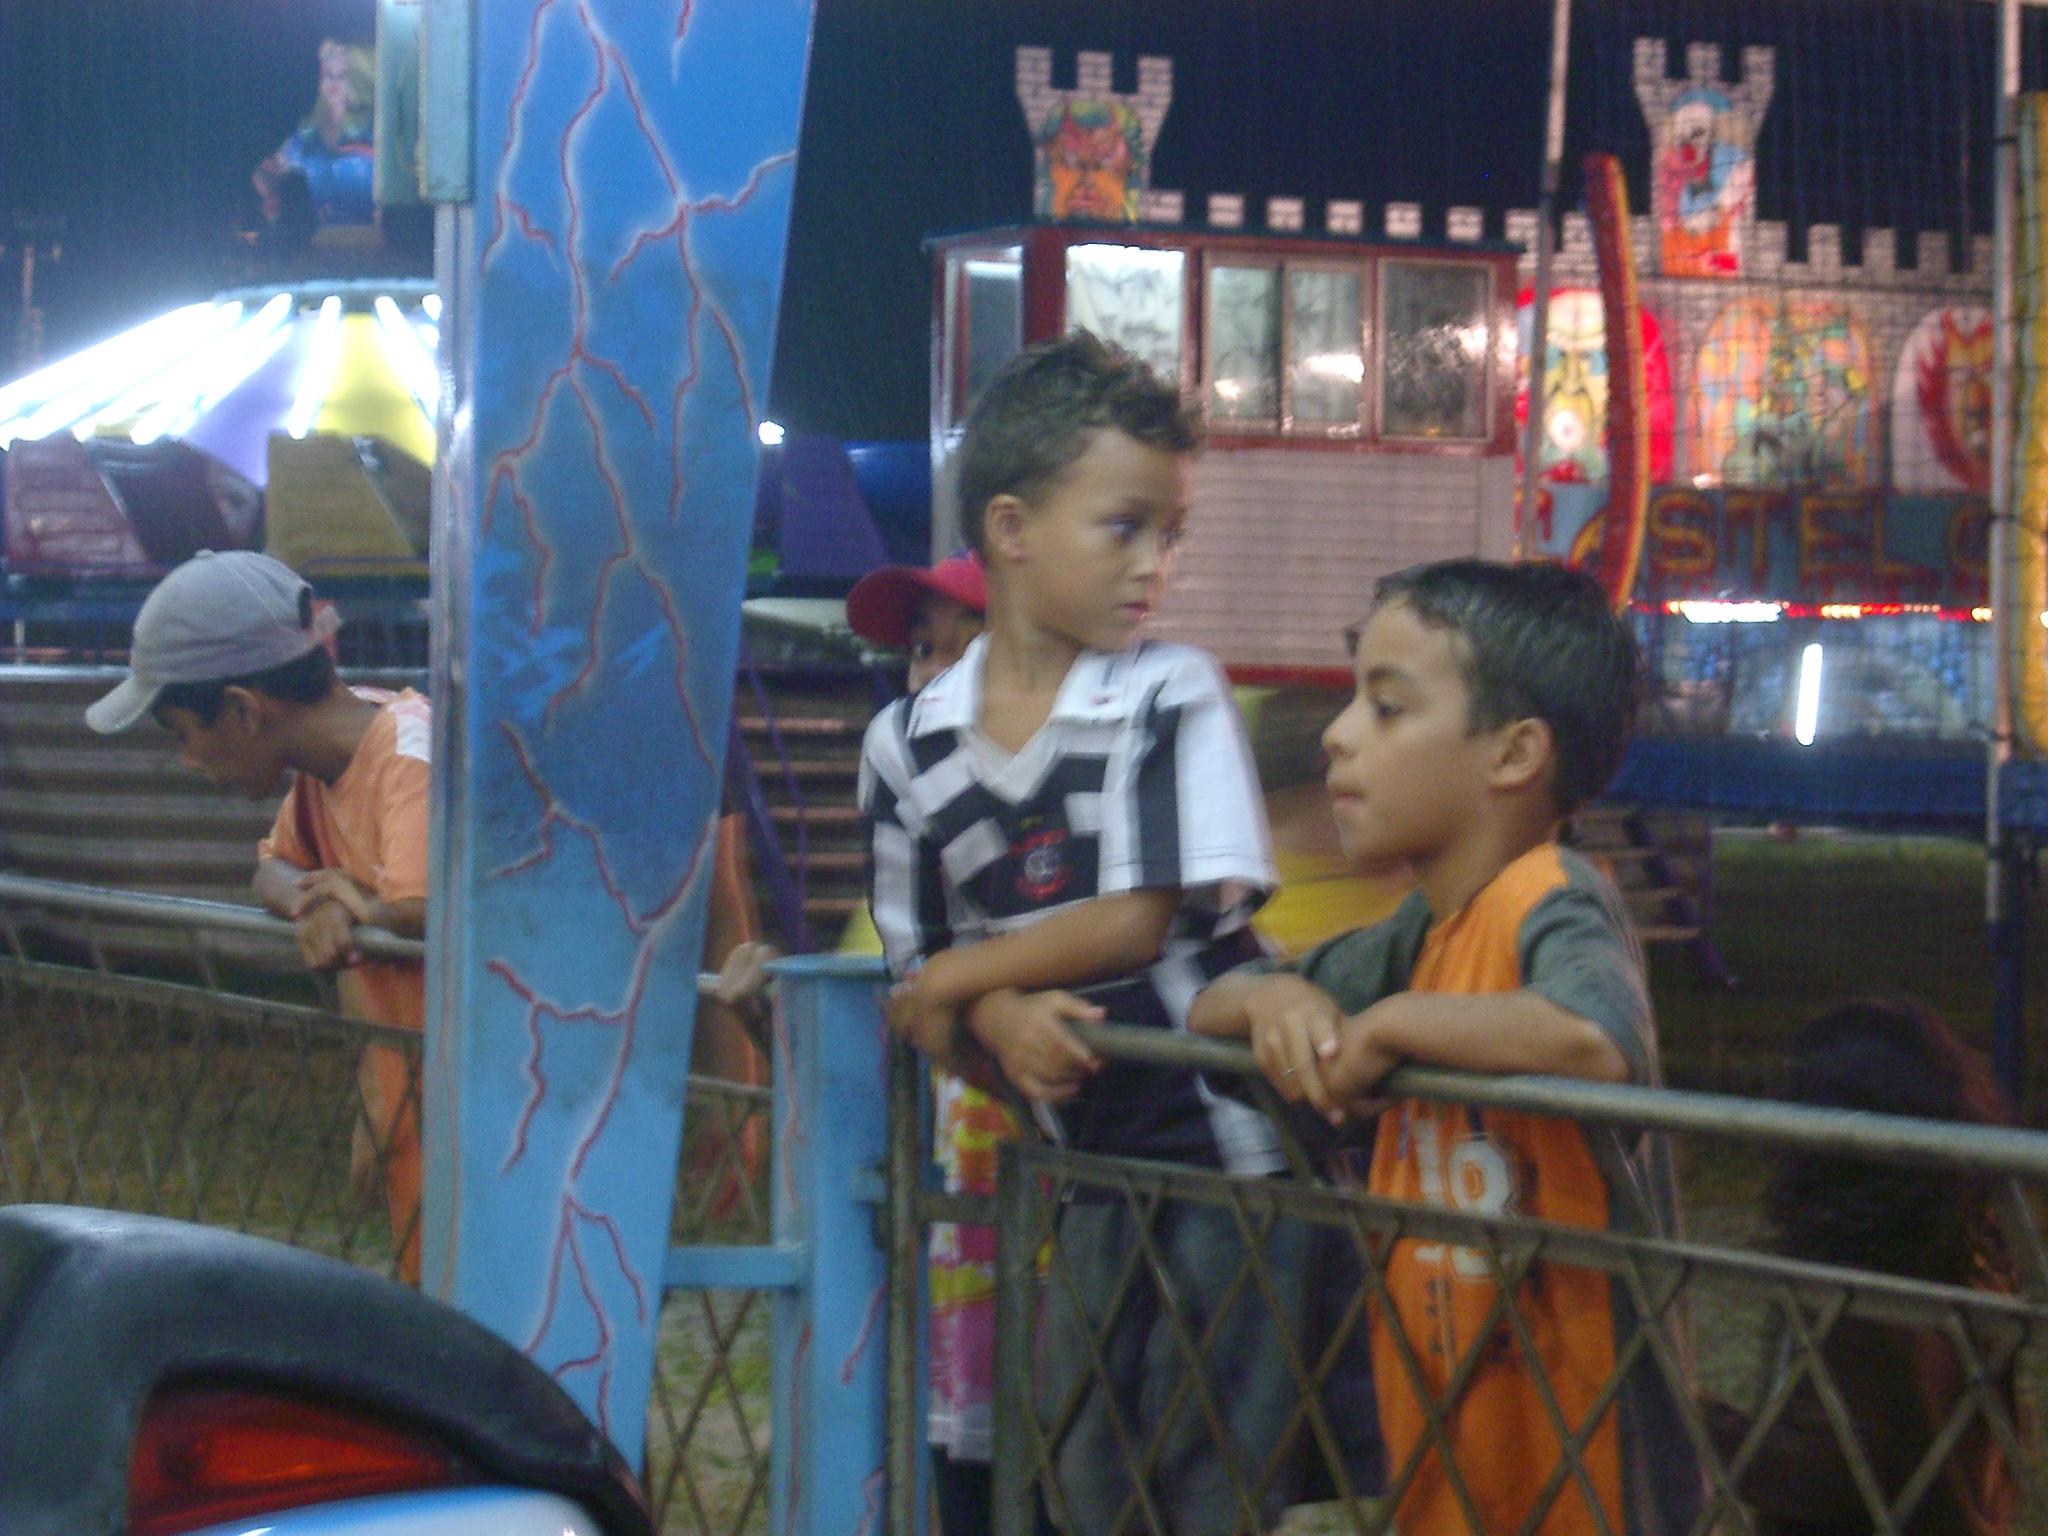 Boys at Funfair, Peruibe.JPG